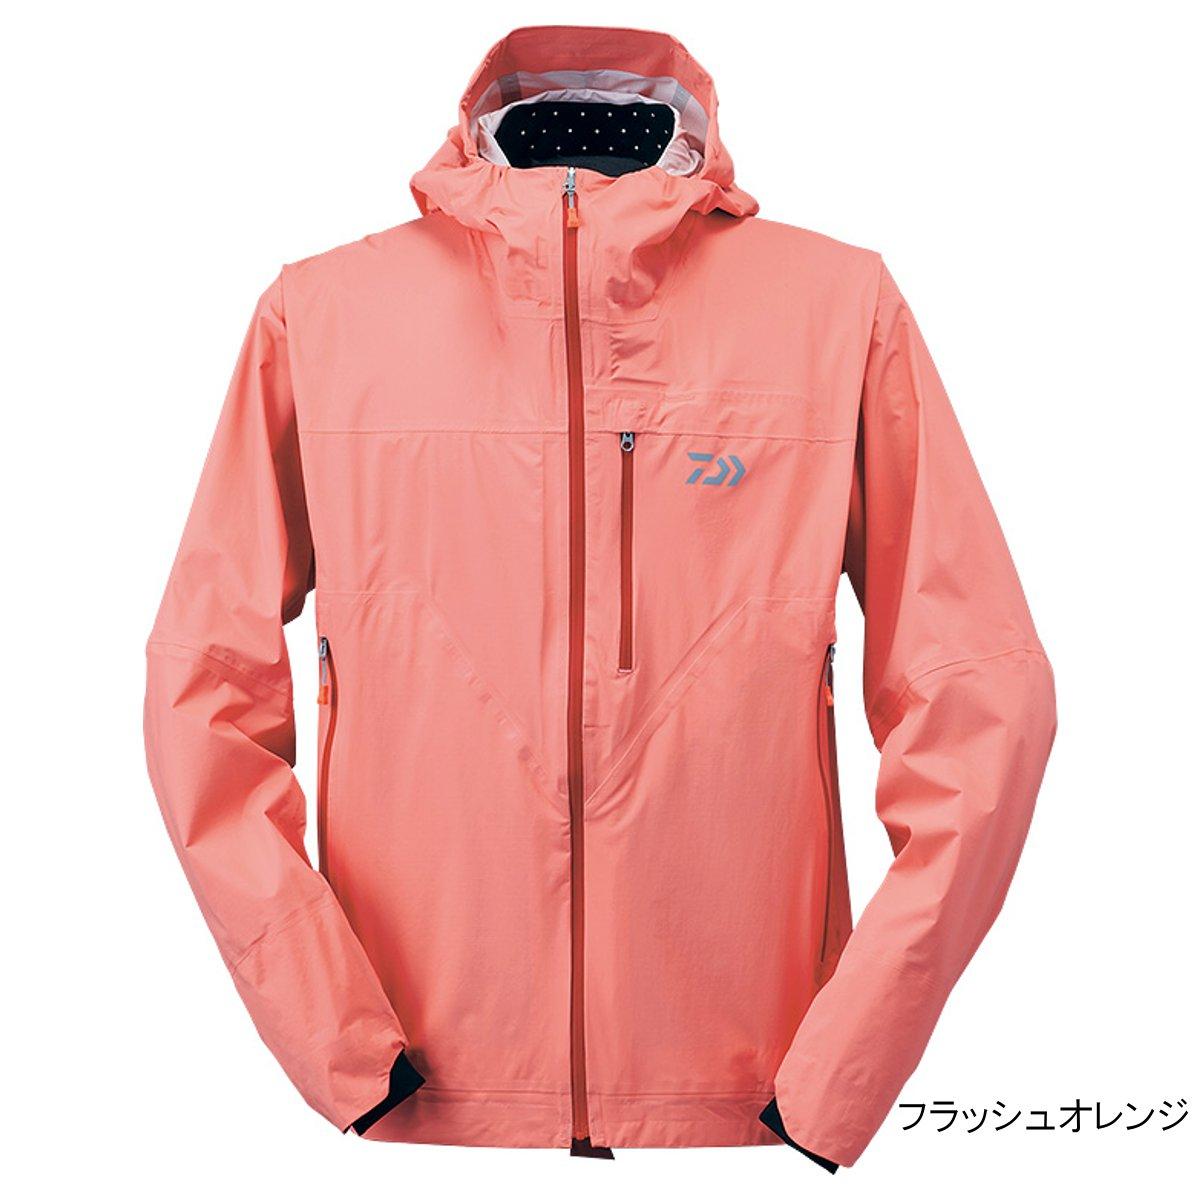 ダイワ レインマックス ポケッタブルレインジャケット DR-32009J L フラッシュオレンジ(東日本店)